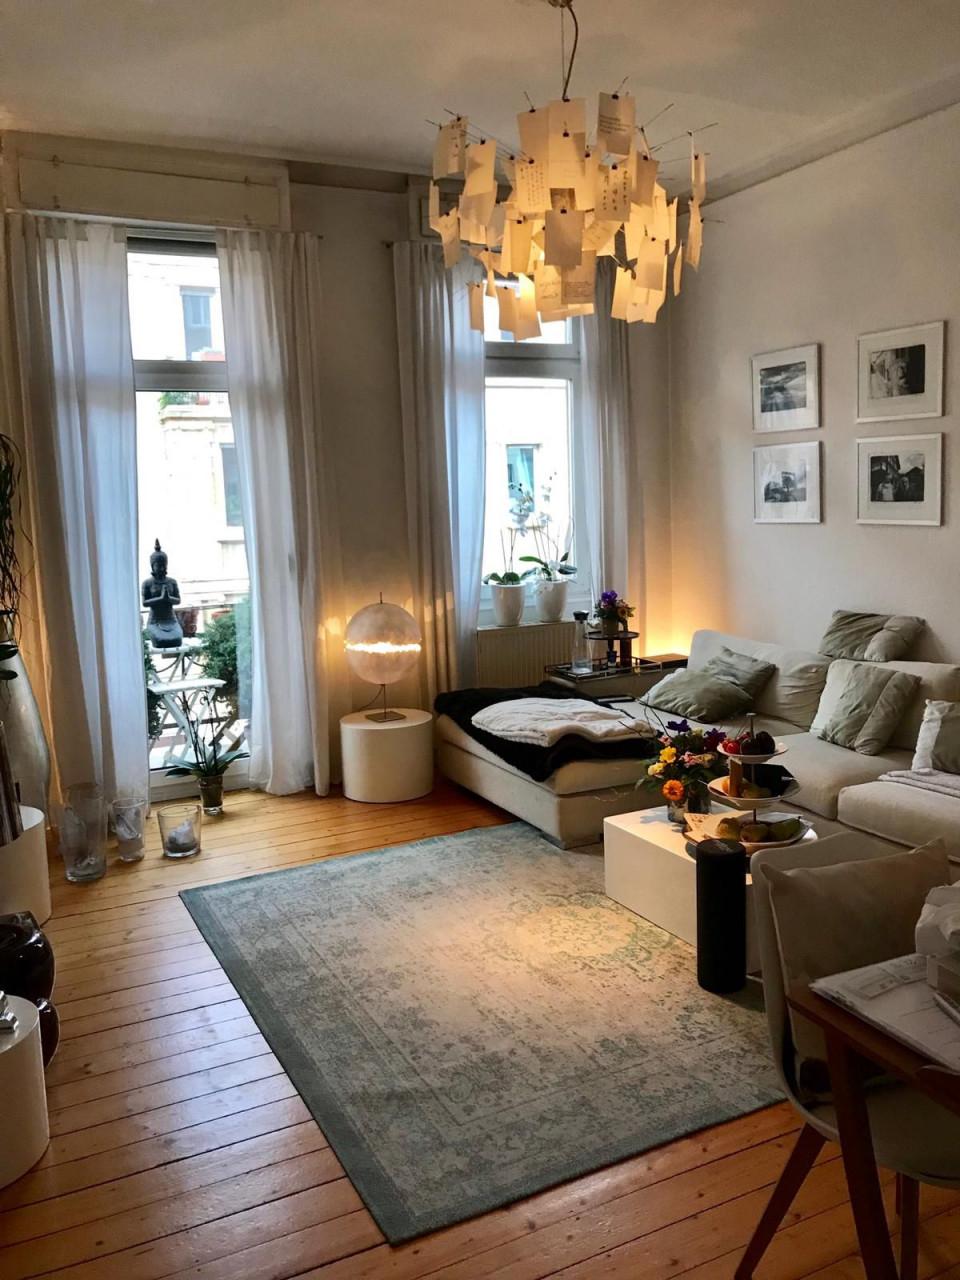 Gemütliches Wgwohnzimmer  Wohnzimmer Einrichten Altbau von Gemütliche Wohnzimmer Lampe Photo